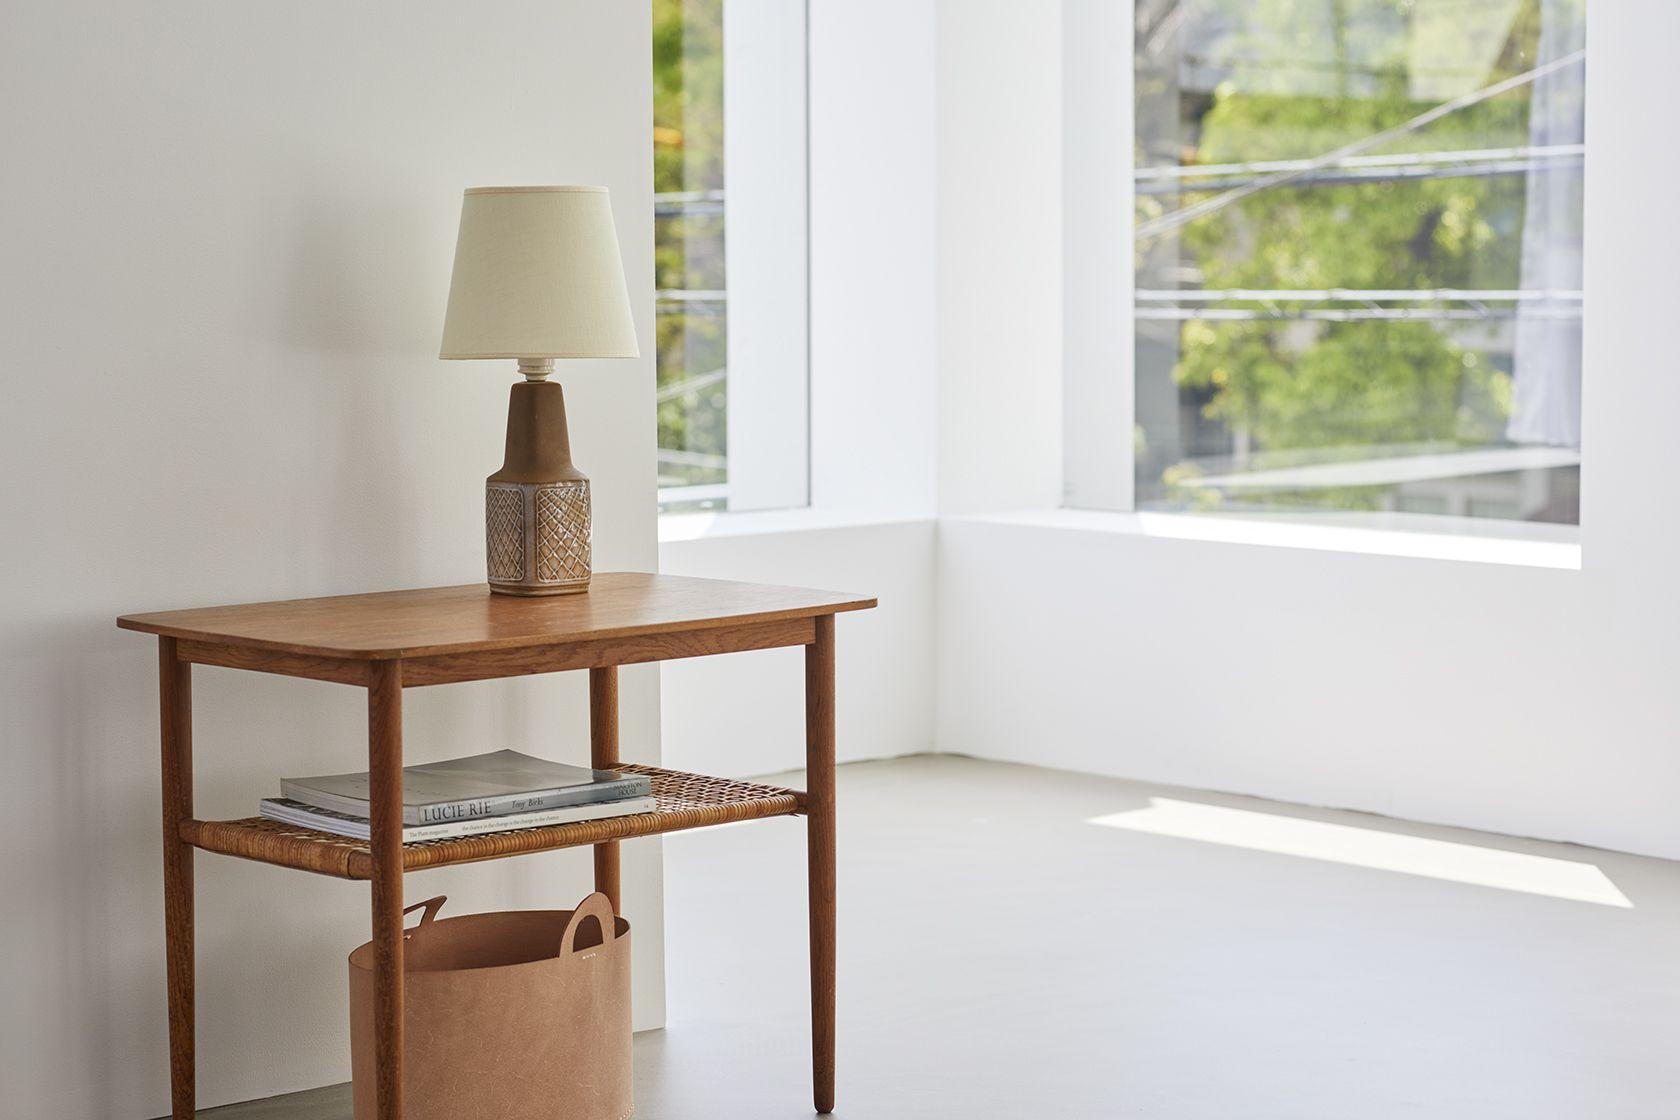 Haku Studio / SUNSシンプルな家具